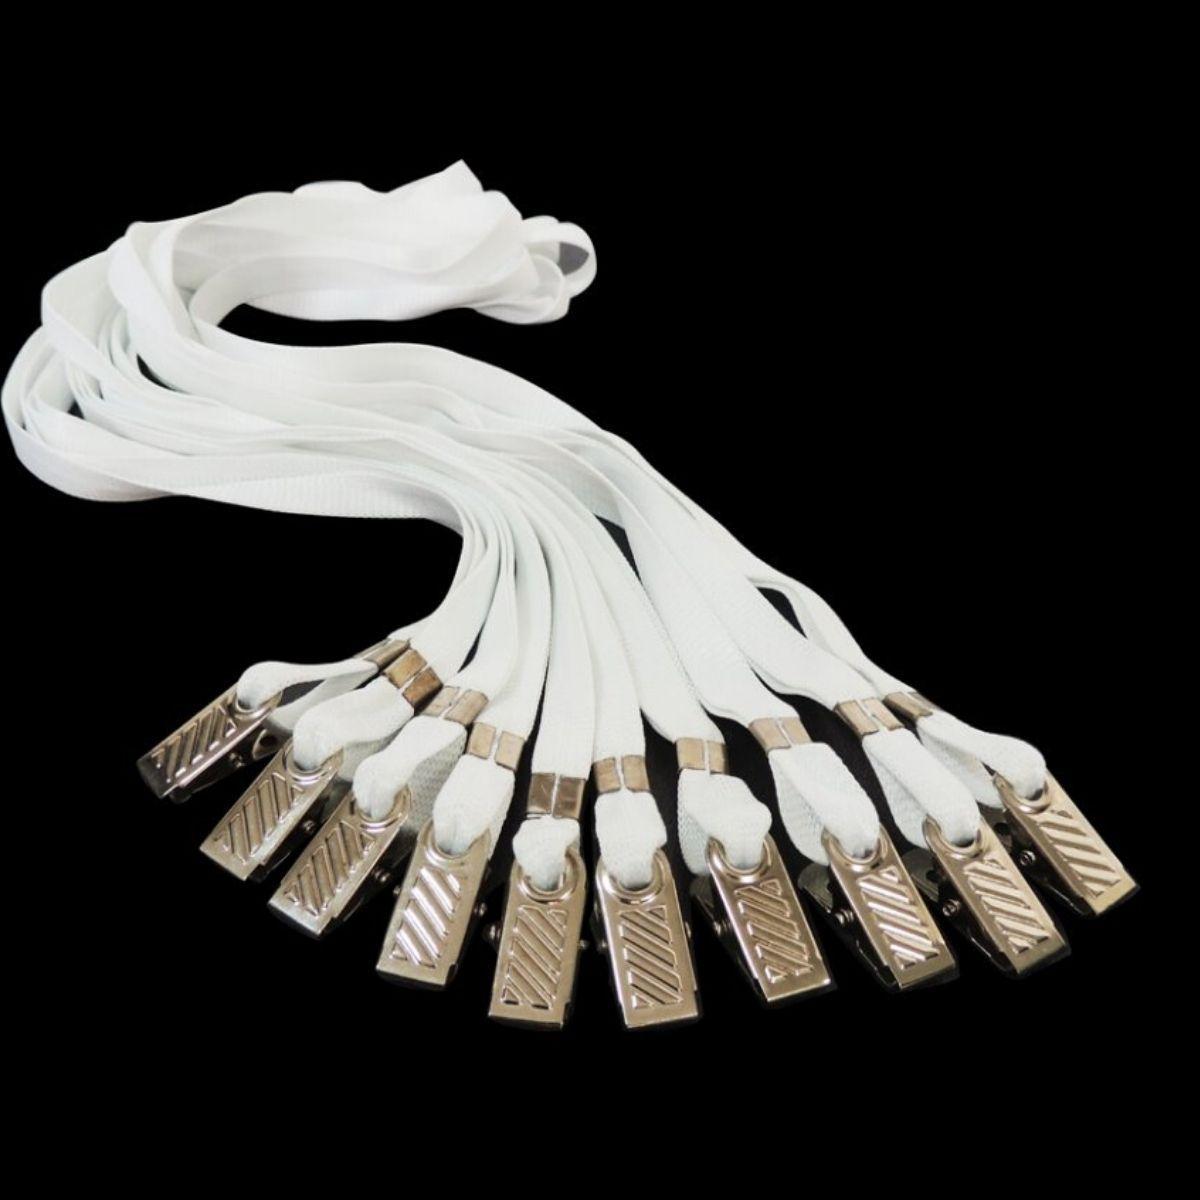 Cordão para Crachá com Presilha Clips Jacaré Branco - Pacote com 25 unidades  - Click Suprimentos